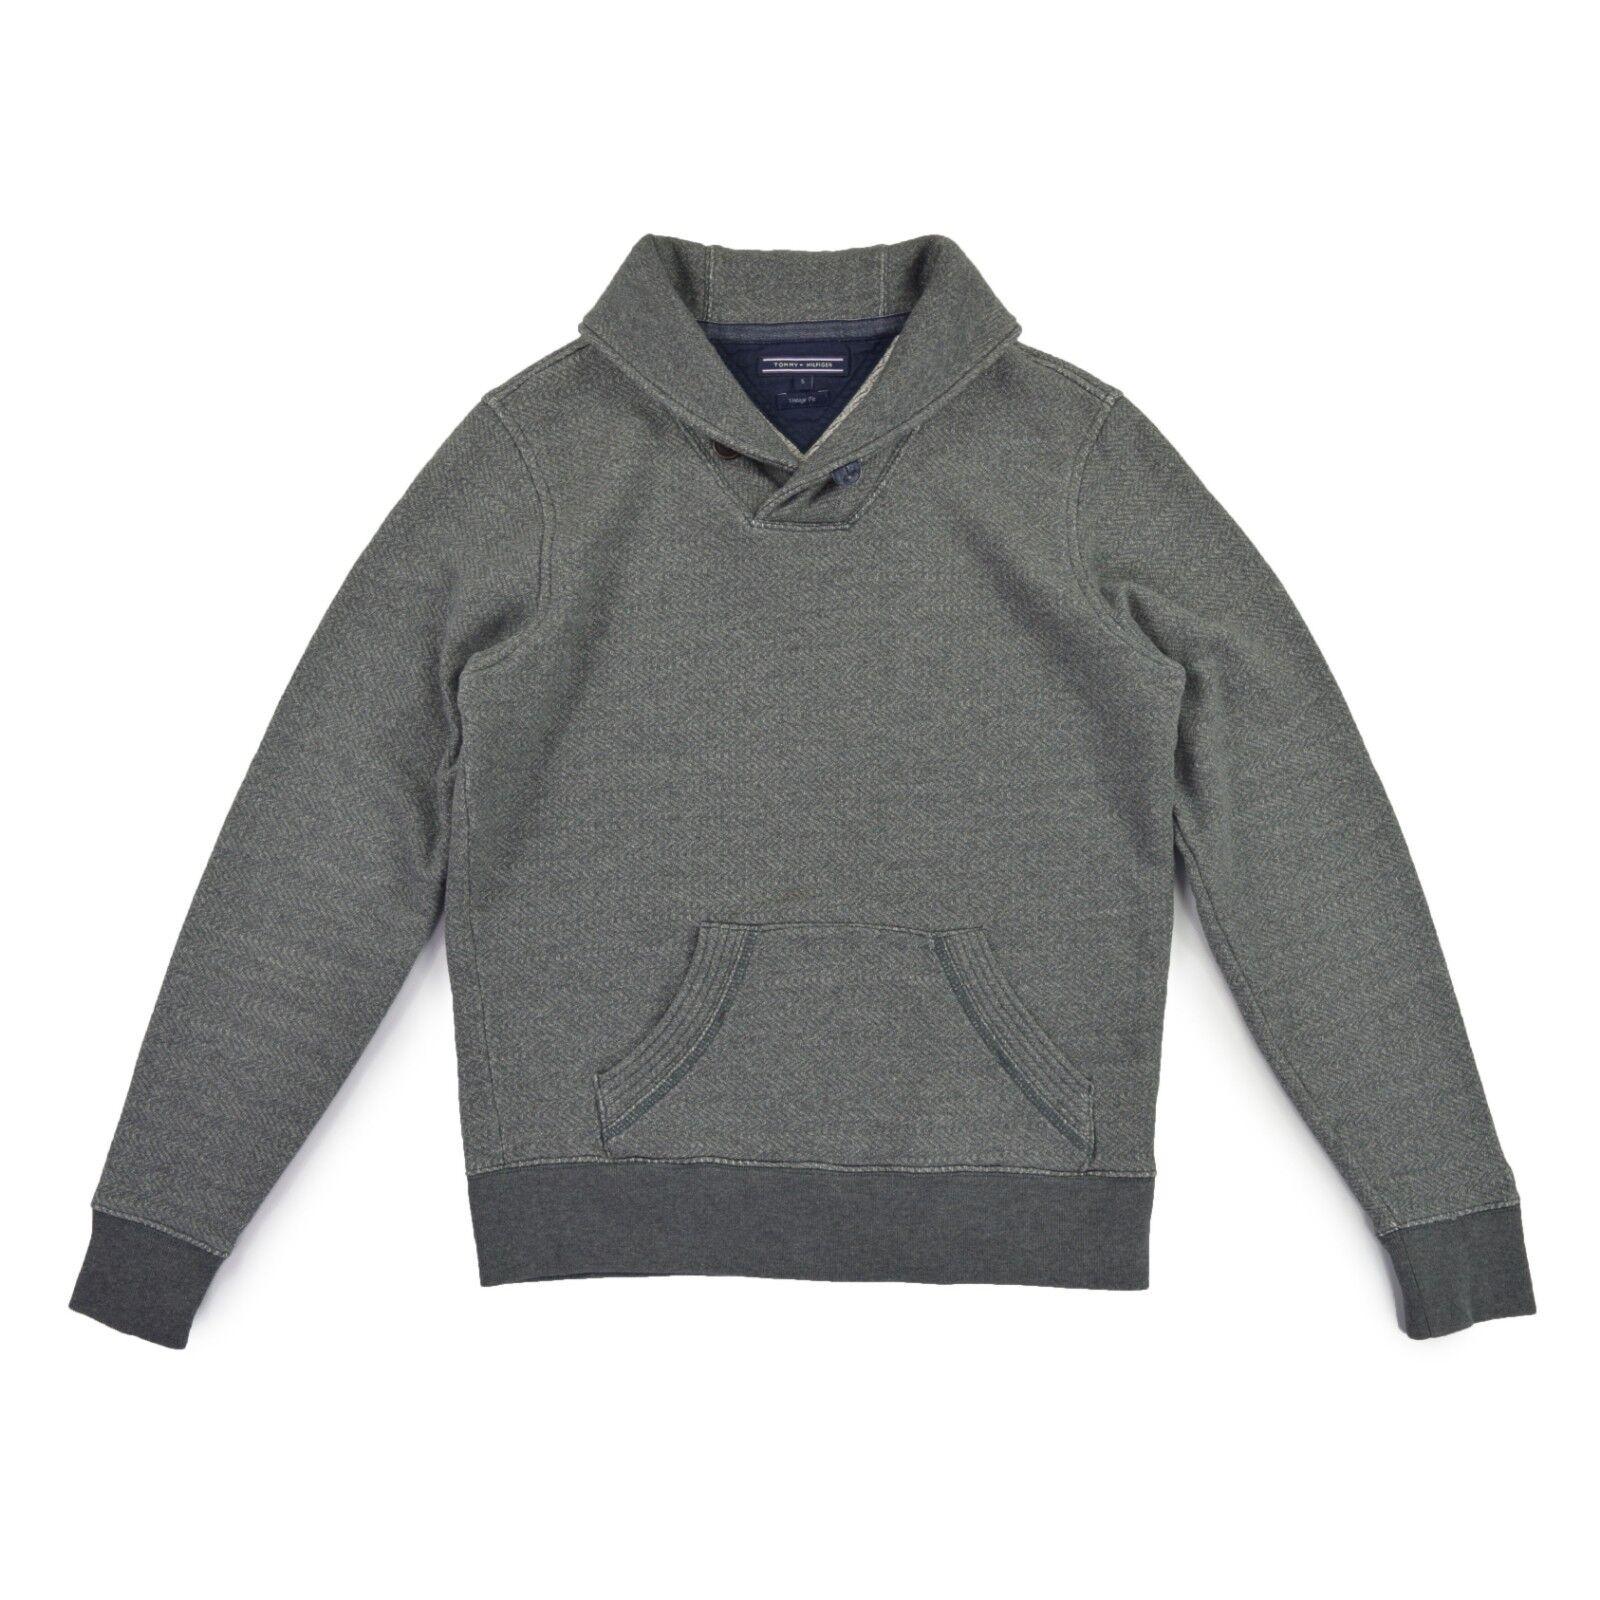 TOMMY HILFIGER Herren Pullover S 48 grau gefüttert Sweat Pulli Jumper wie NEU | Zuverlässige Leistung